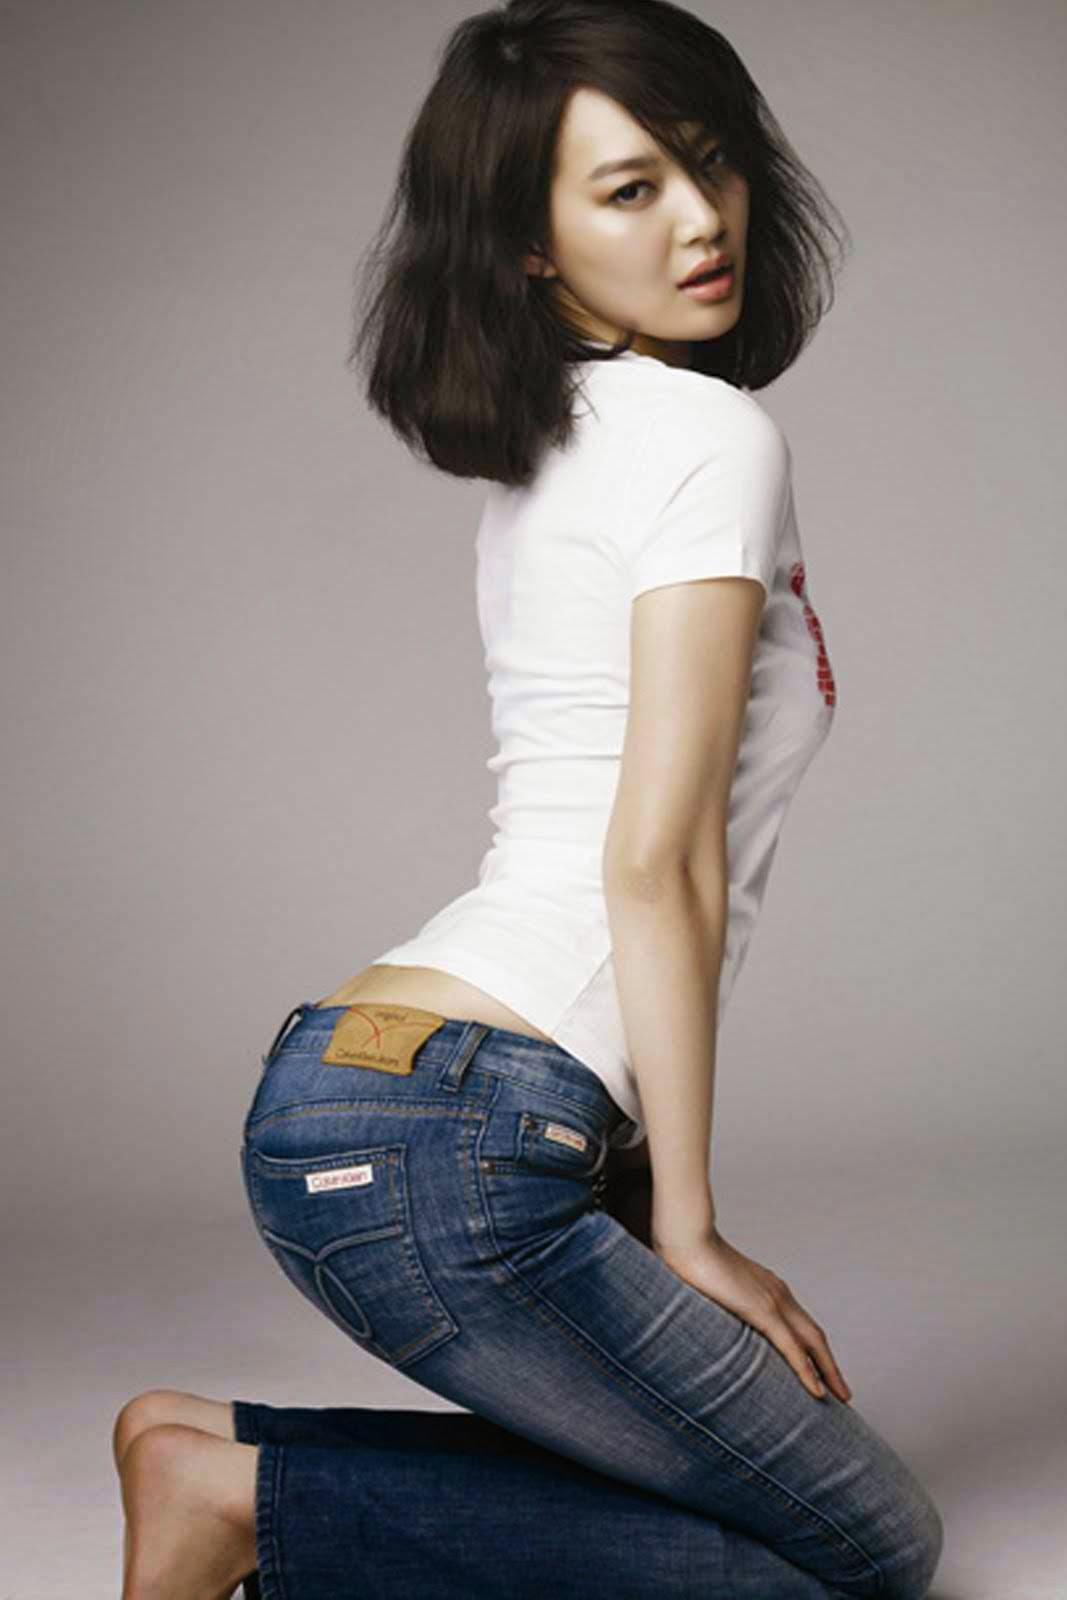 Shin Min-ah photo 003